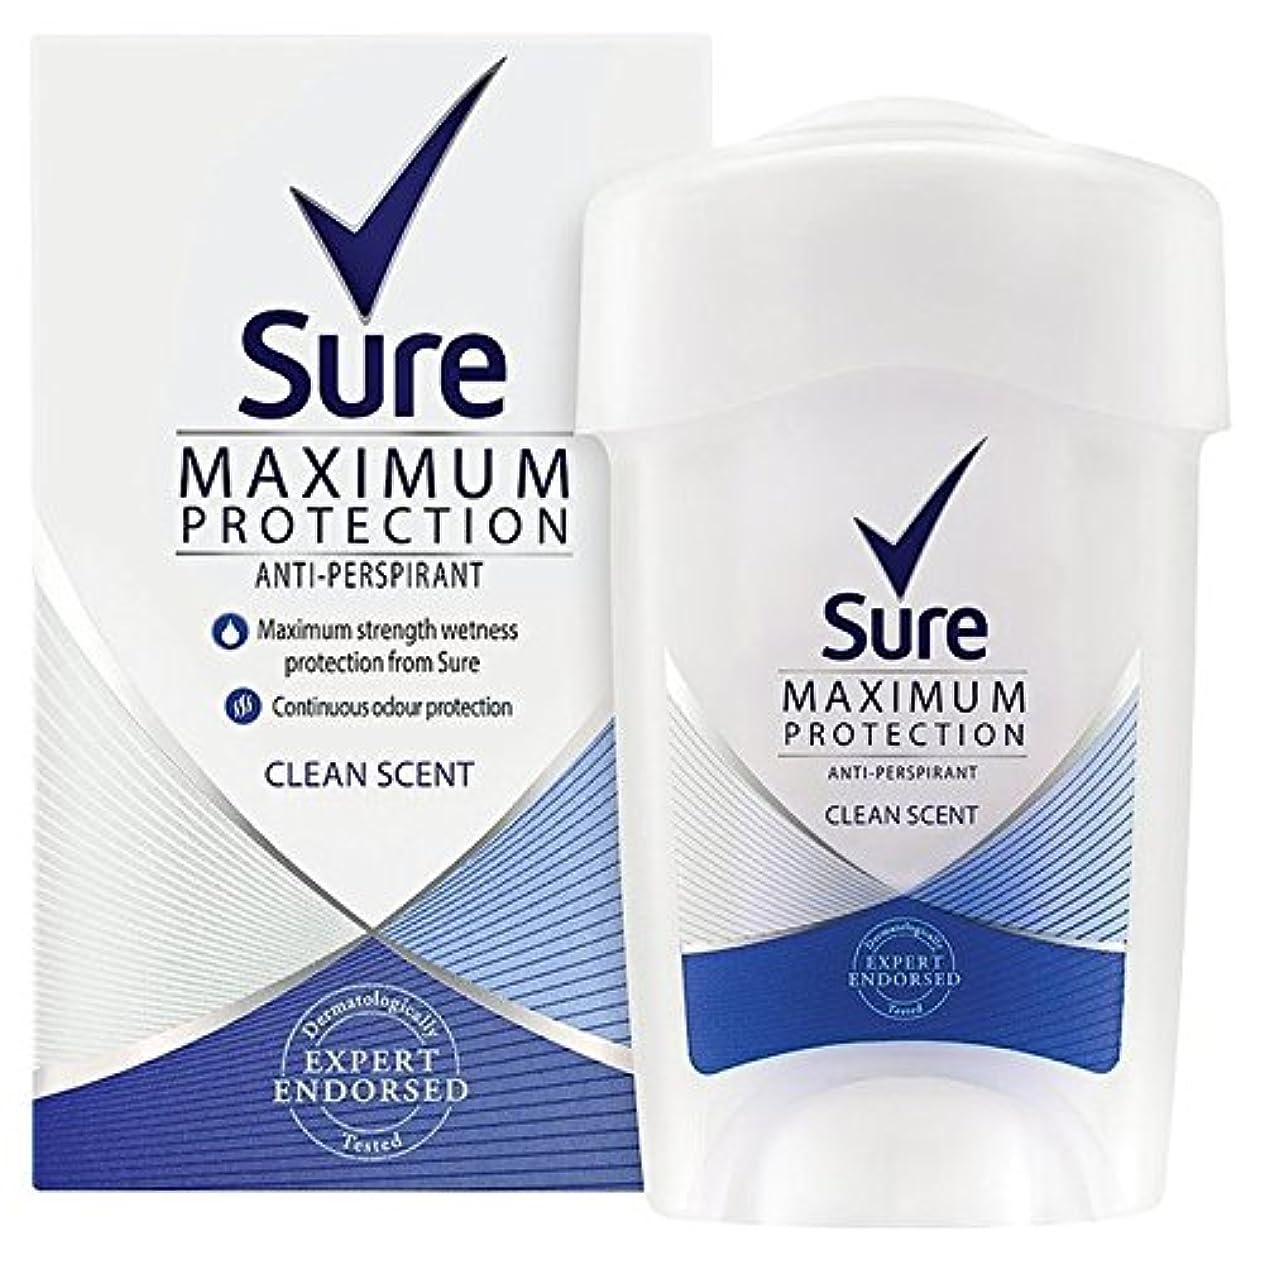 祭りまとめるコーヒー女性の最大の保護クリーンな香りのクリーム制汗デオドラント45ミリリットルを確認してください x4 - Sure Women Maximum Protection Clean Scent Cream Anti-Perspirant...